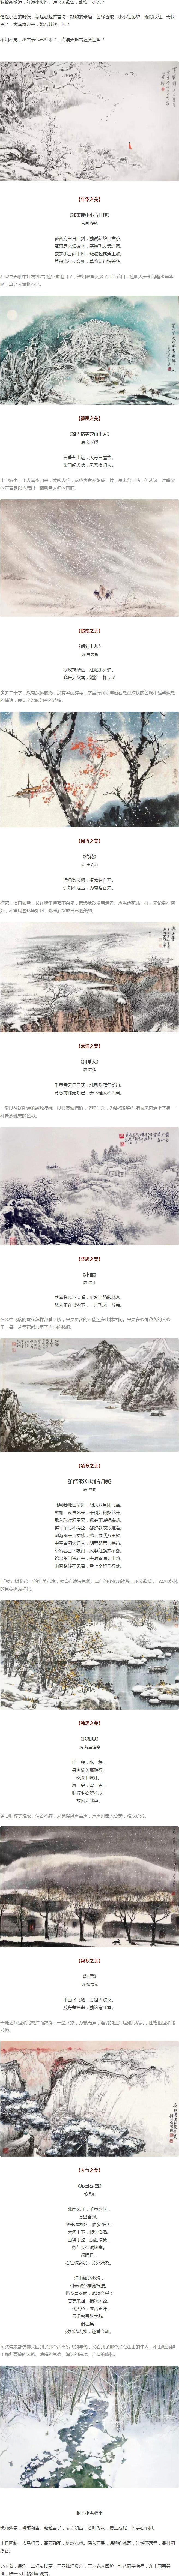 小雪丨十首小雪诗词,十种极致之美!